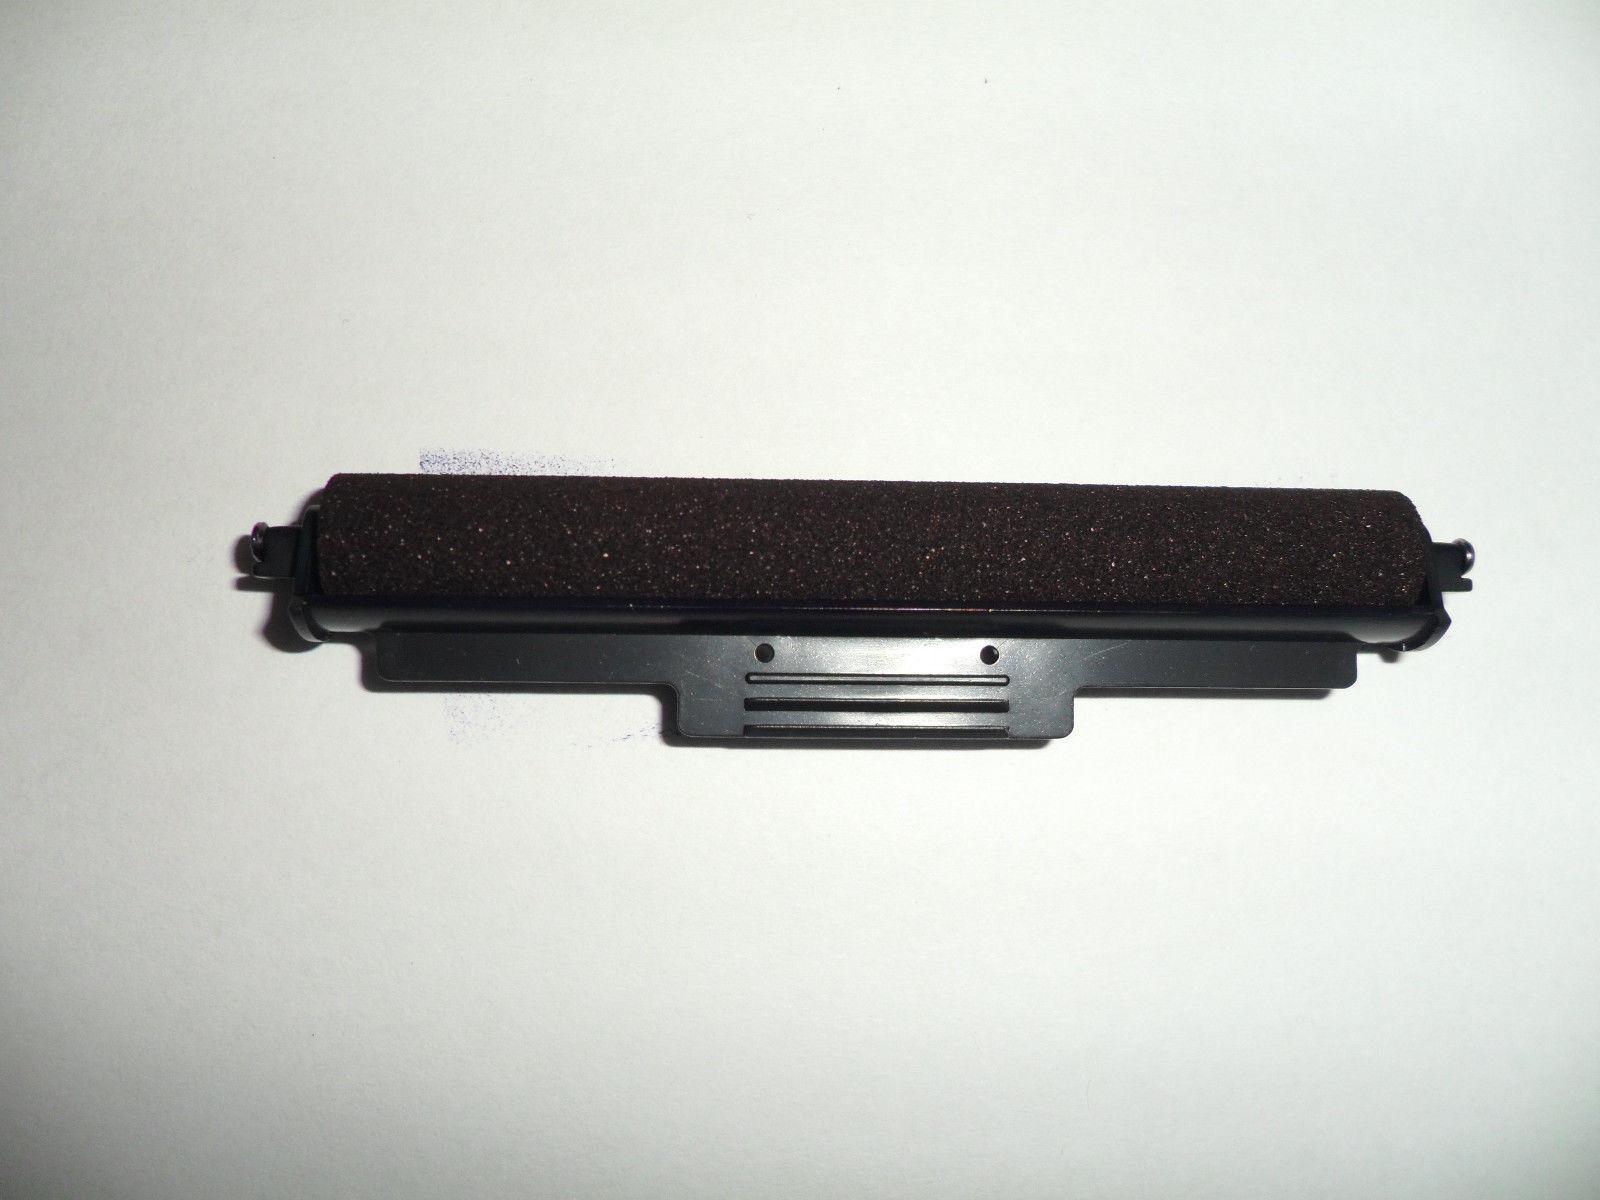 Royal 8250 CMS8250 Cash Register Ink Roller (2 Pack) IR93